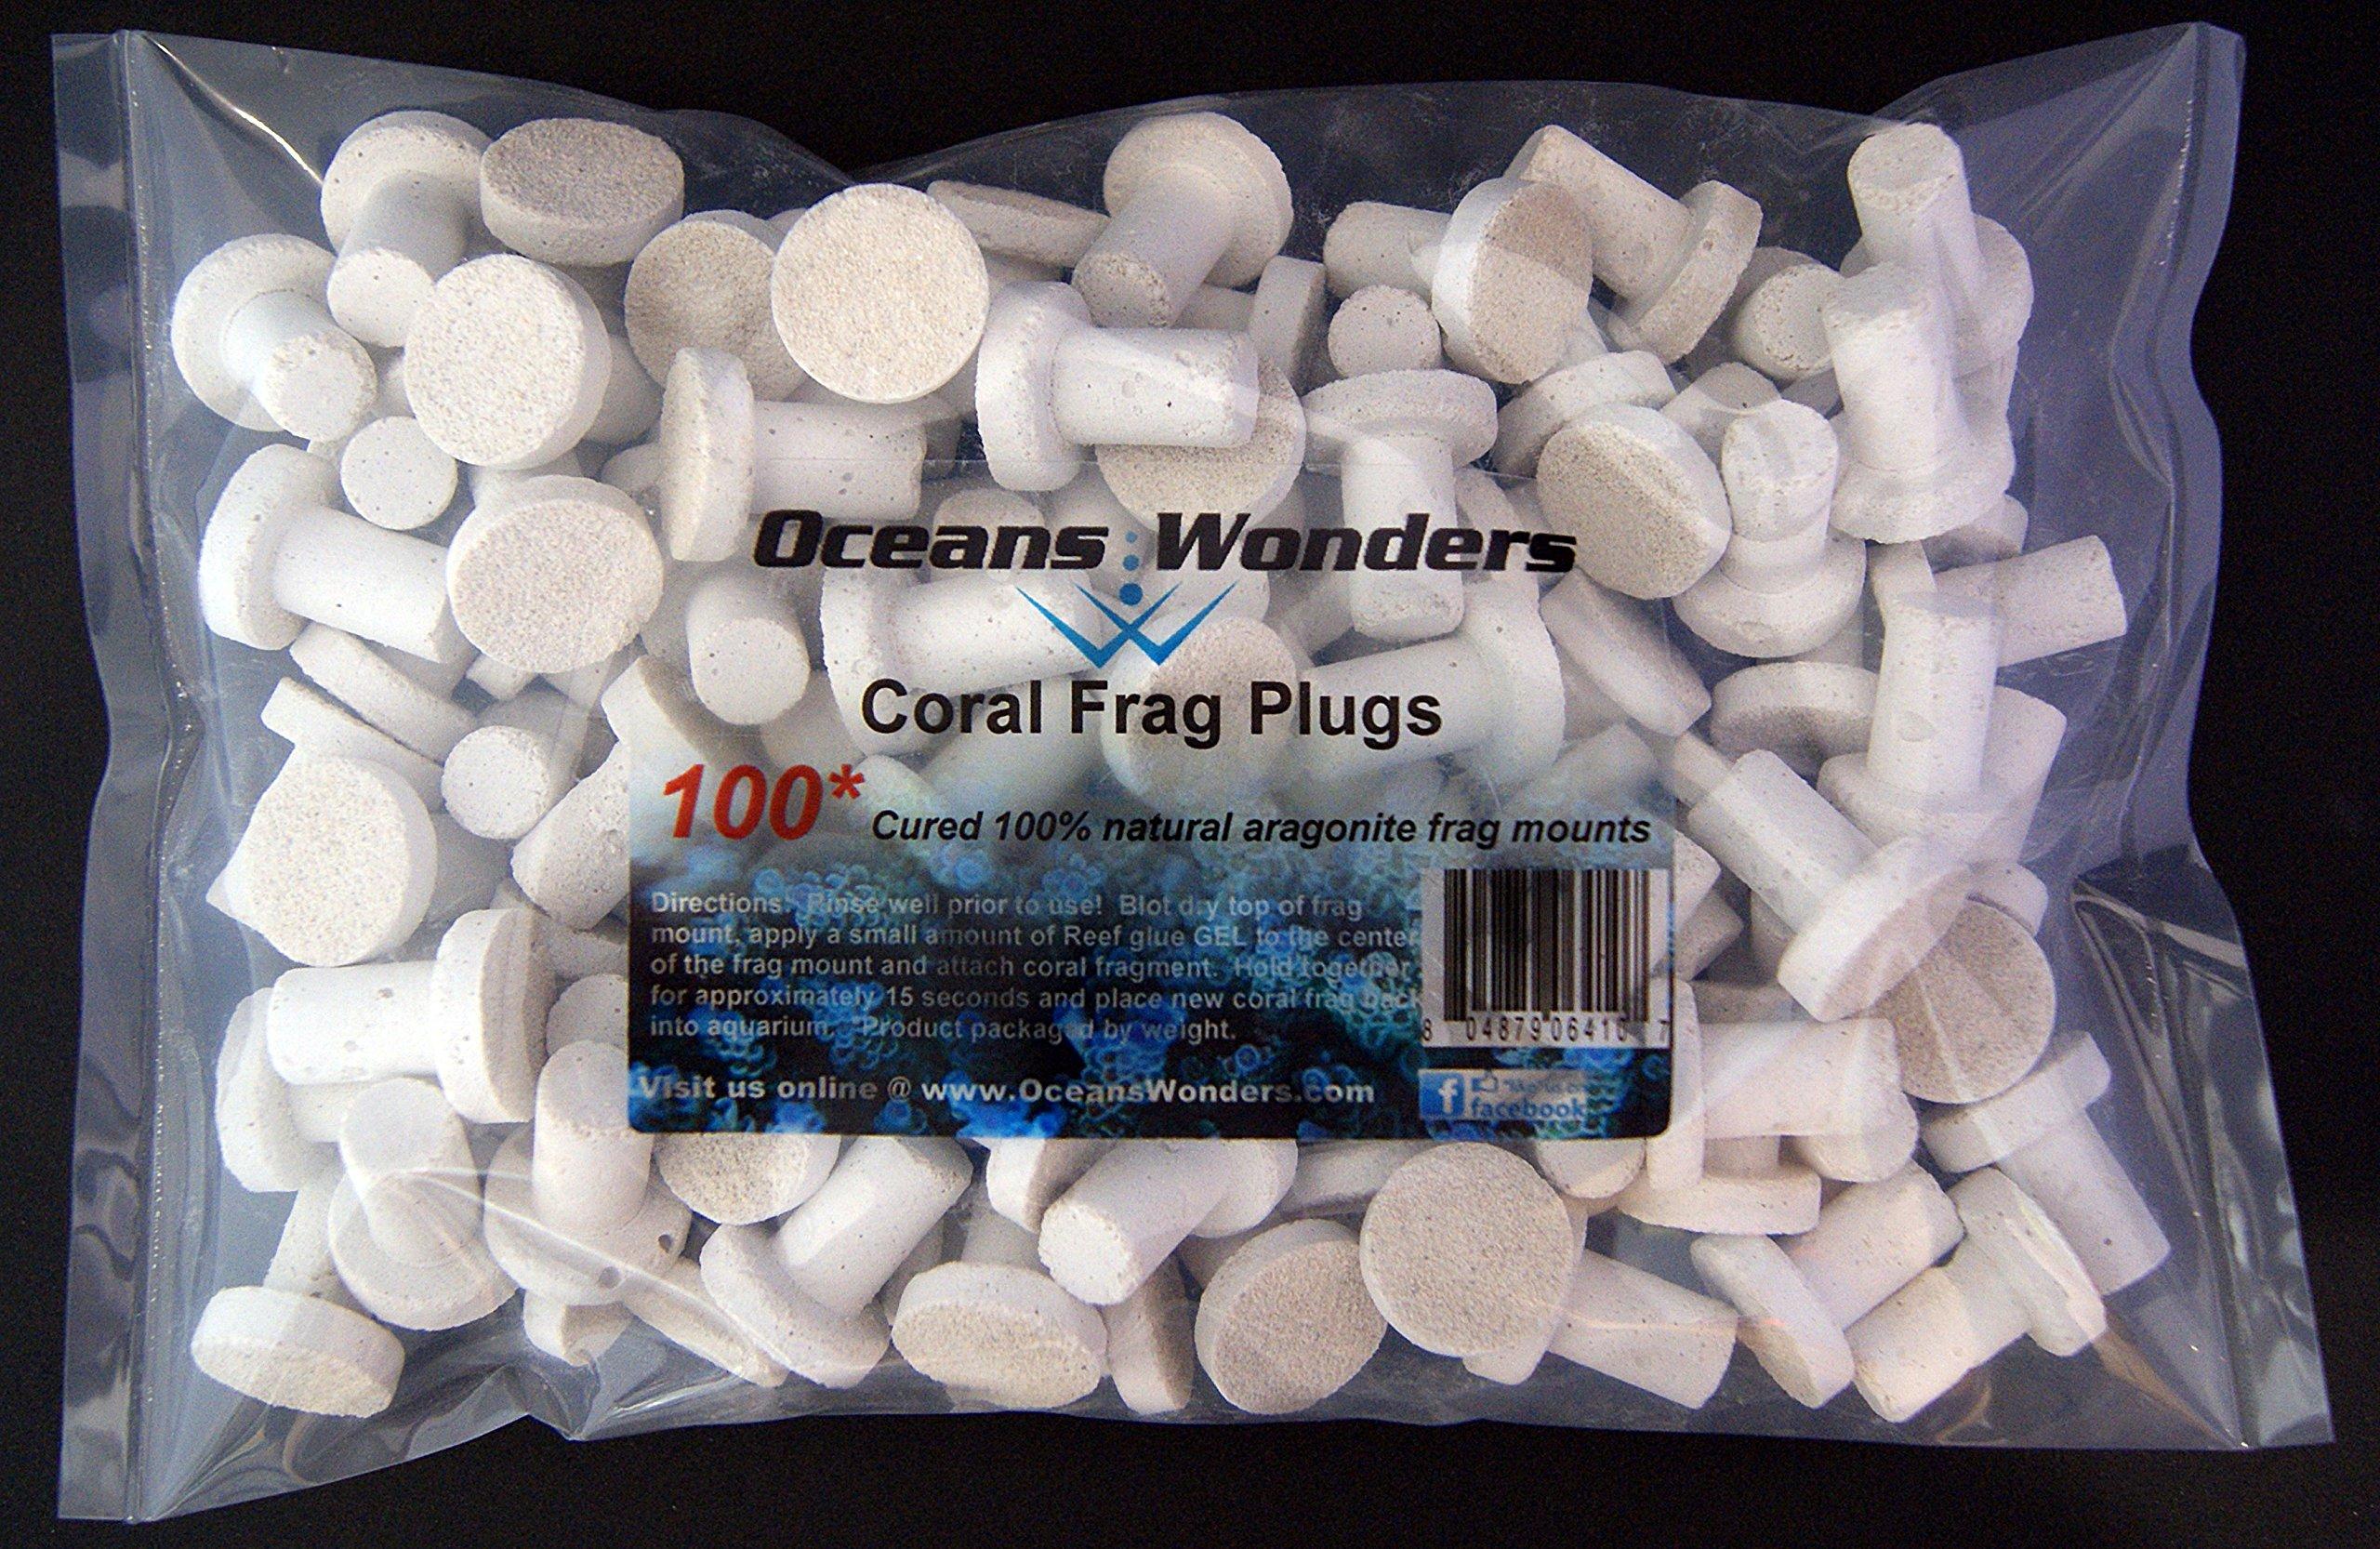 Oceans Wonders Coral Frag Plugs 100pc by Oceans Wonders